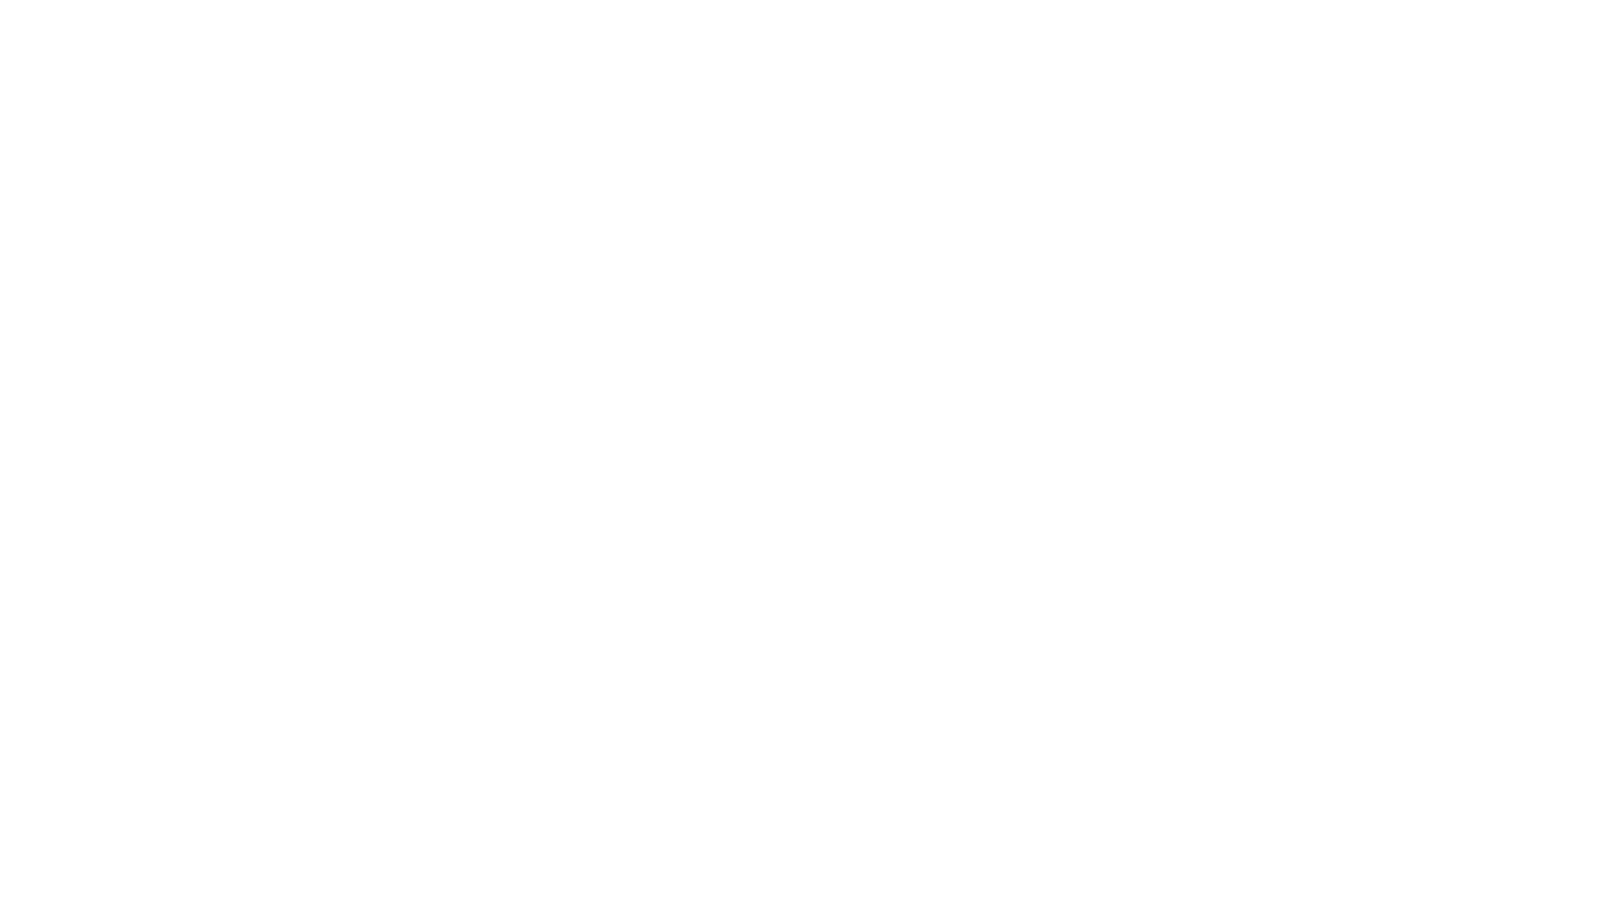 #Cuidadodelapiel #Dermatóloga #piel #SemanaSanta   Dra Emma Guzmán de Cruz - Dermatóloga Clínica  Si quieres contactarte con nosotros puedes escribirnos a: ortega.indiana@gmail.com  Síguenos en Instagram, Twitter y Facebook: @PanoramaTV_  @indiana_ortega  y suscríbete en nuestro canal.  Suscríbete en YouTube →https://www.youtube.com/watch?v=ecf2E5ie9rY  Facebook → https://www.facebook.com/Panorama-TV-2770593409680697  Instagram →https://www.instagram.com/panoramatv_/ Twitter→https://twitter.com/PanoramaTV_  Visita nuestra pagina Web→ https://panoramatv.com.do/